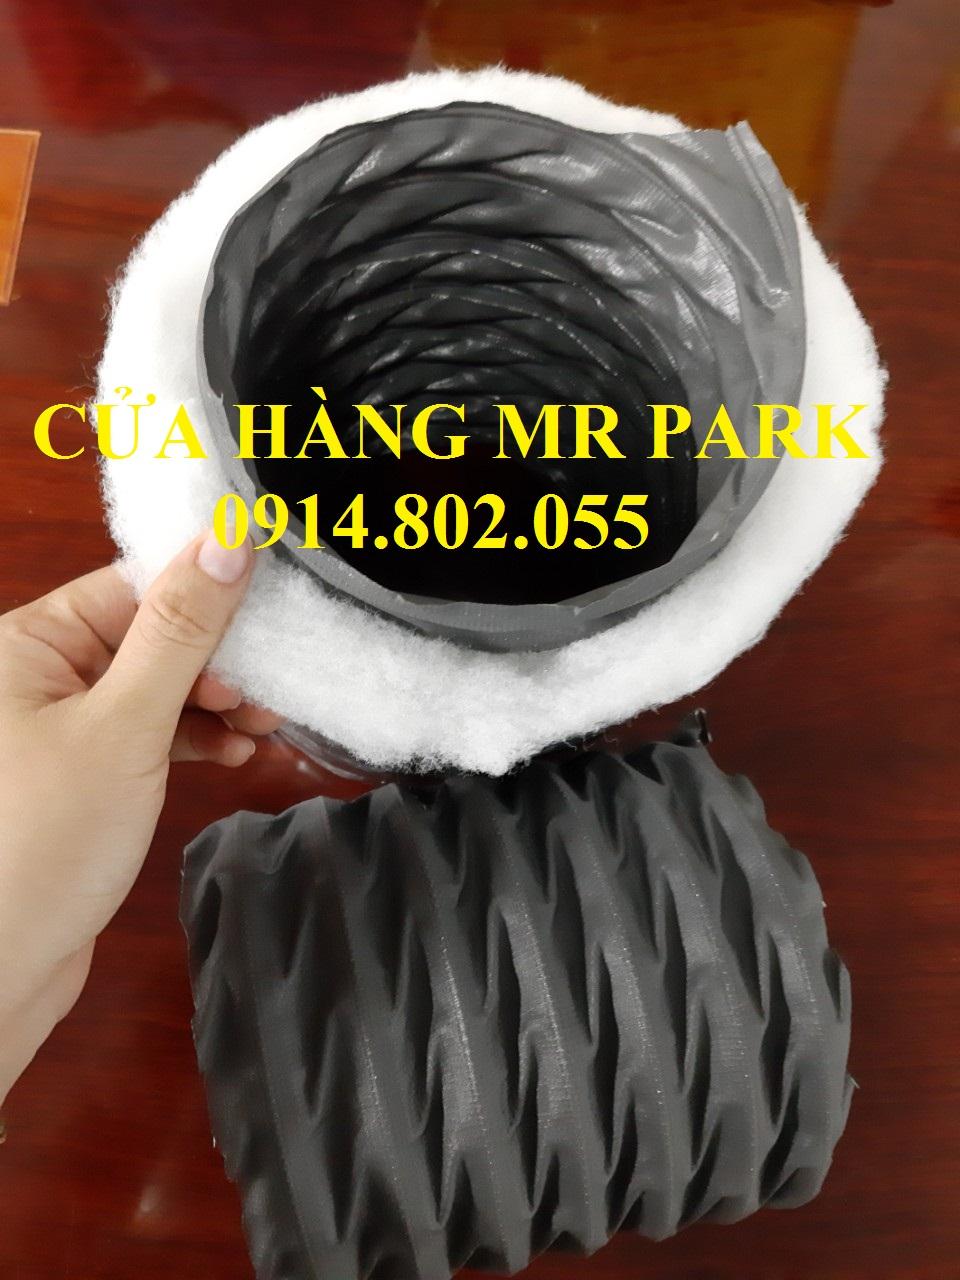 Ống gió mềm Vải Fiber có khả năng chống cháy - ống gió Mr Park giá rẻ nhất